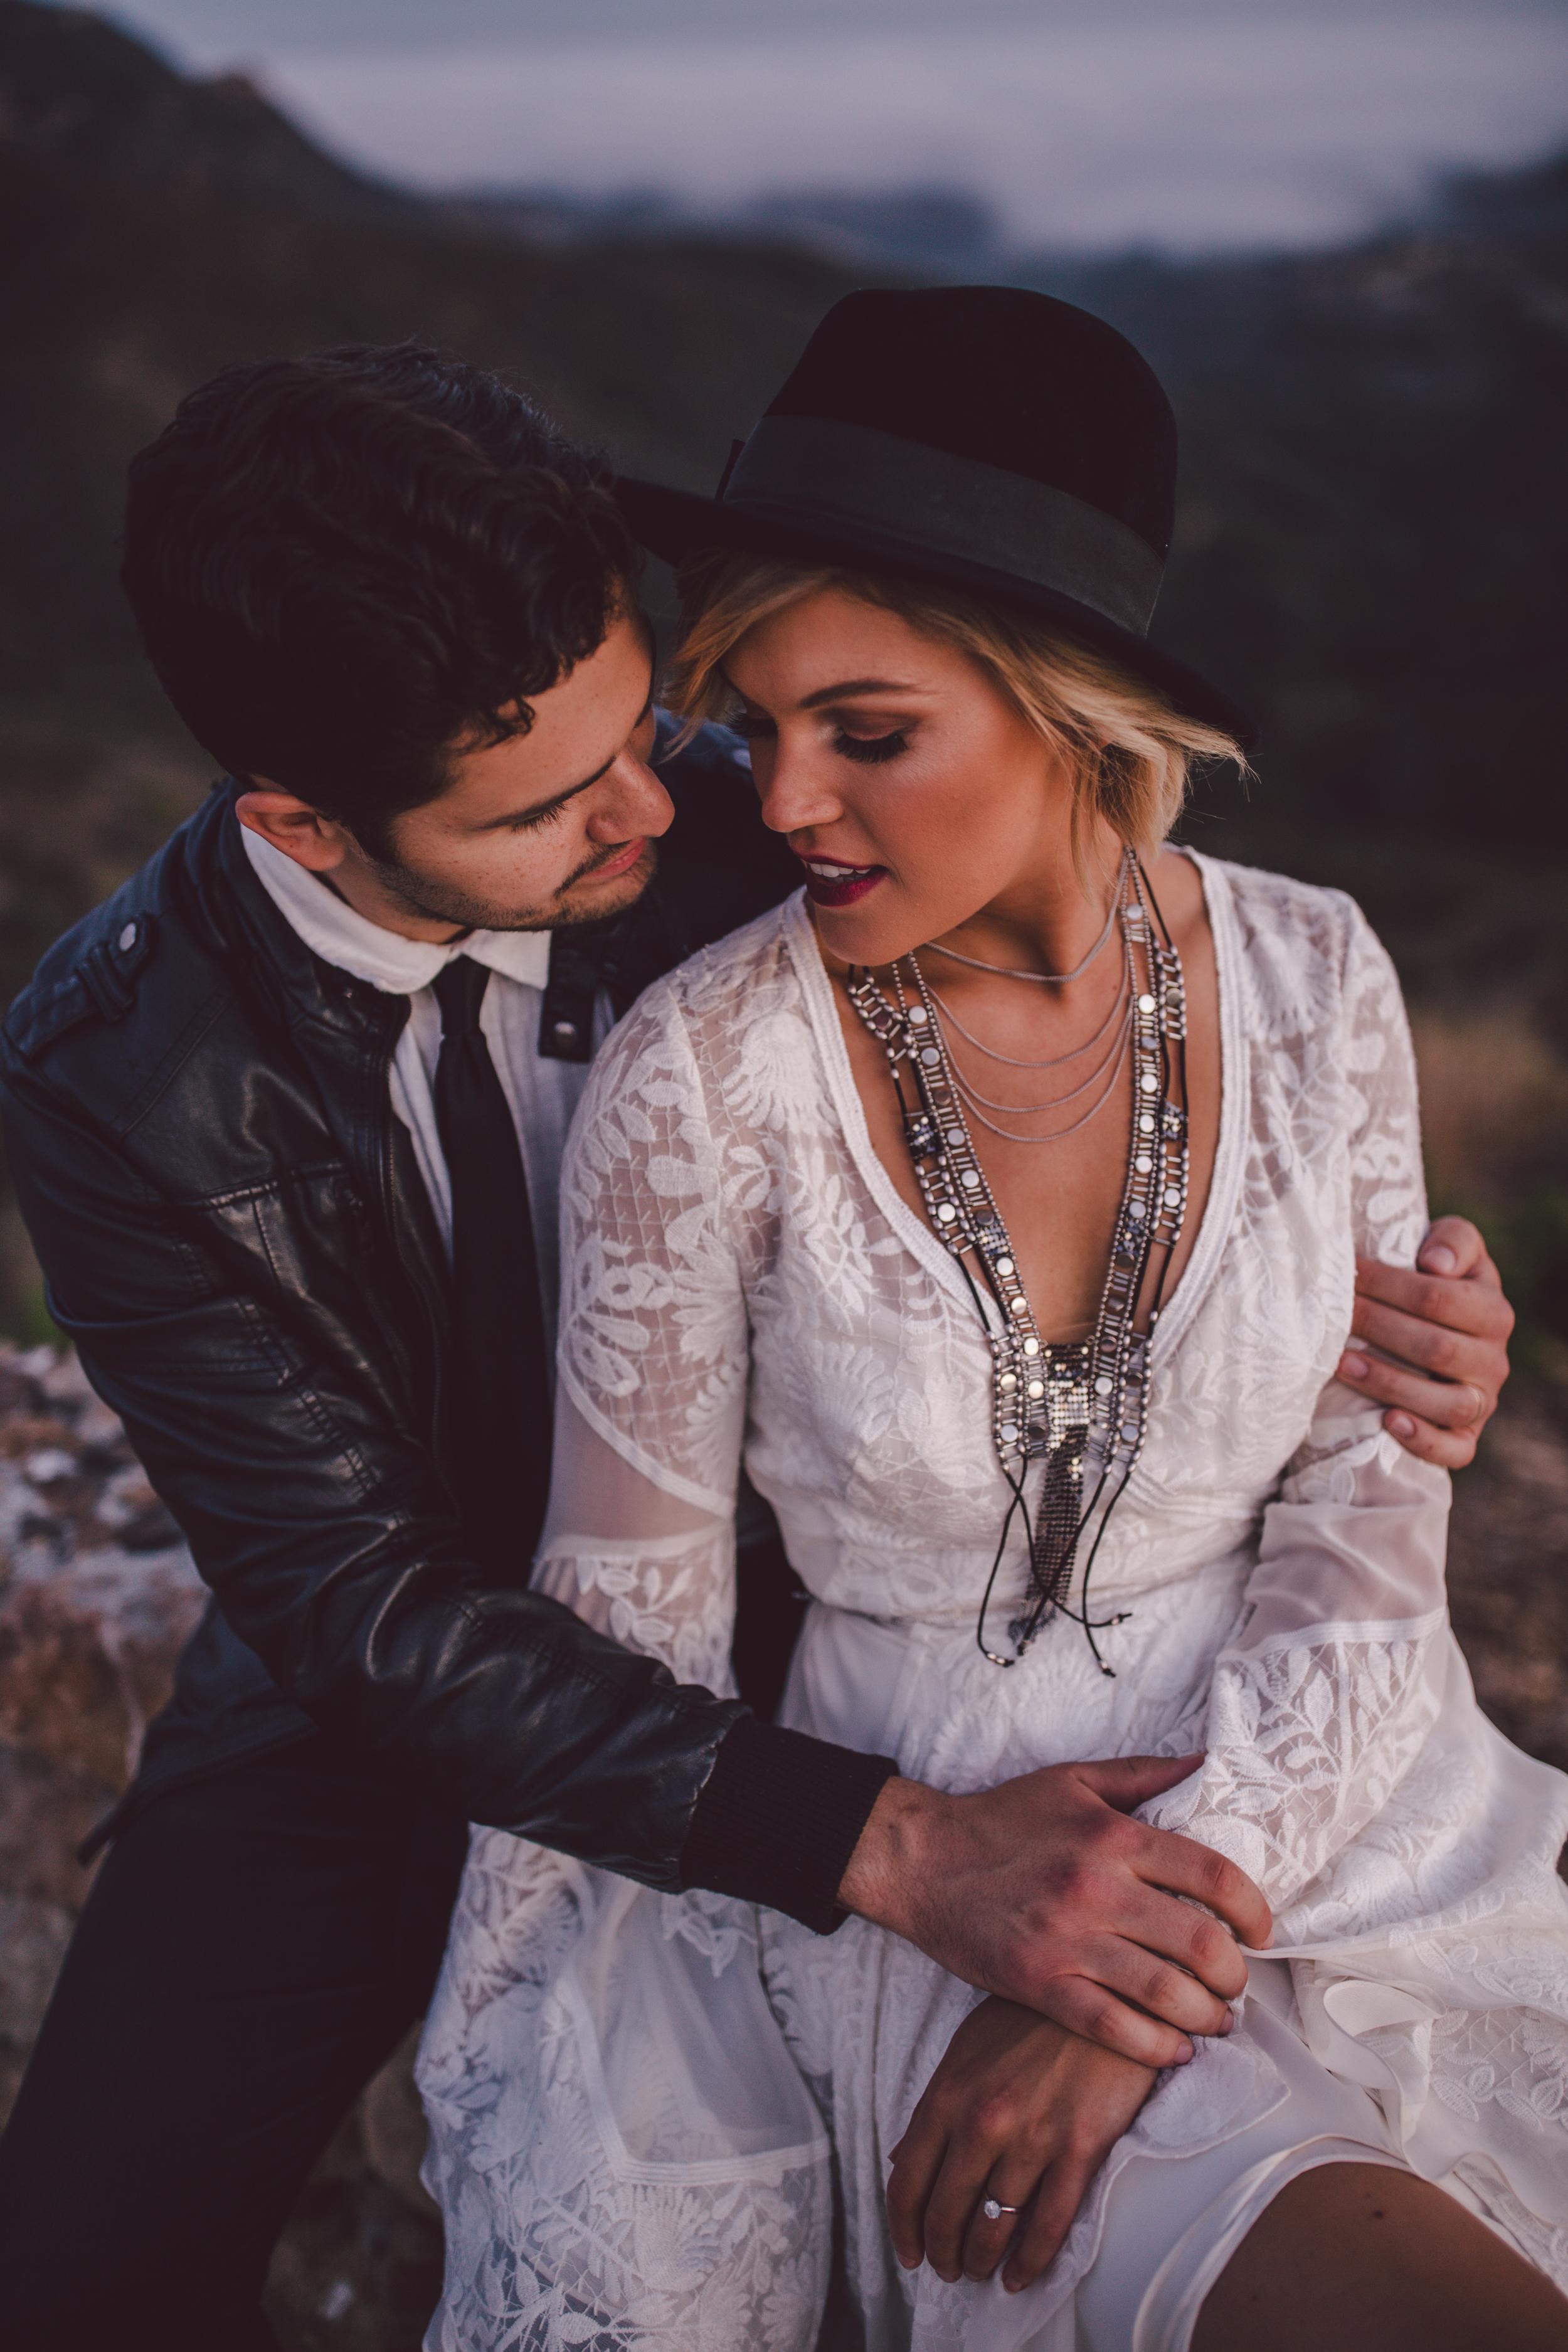 boho-romantic-couple-malibu-leather-stonewall ranch